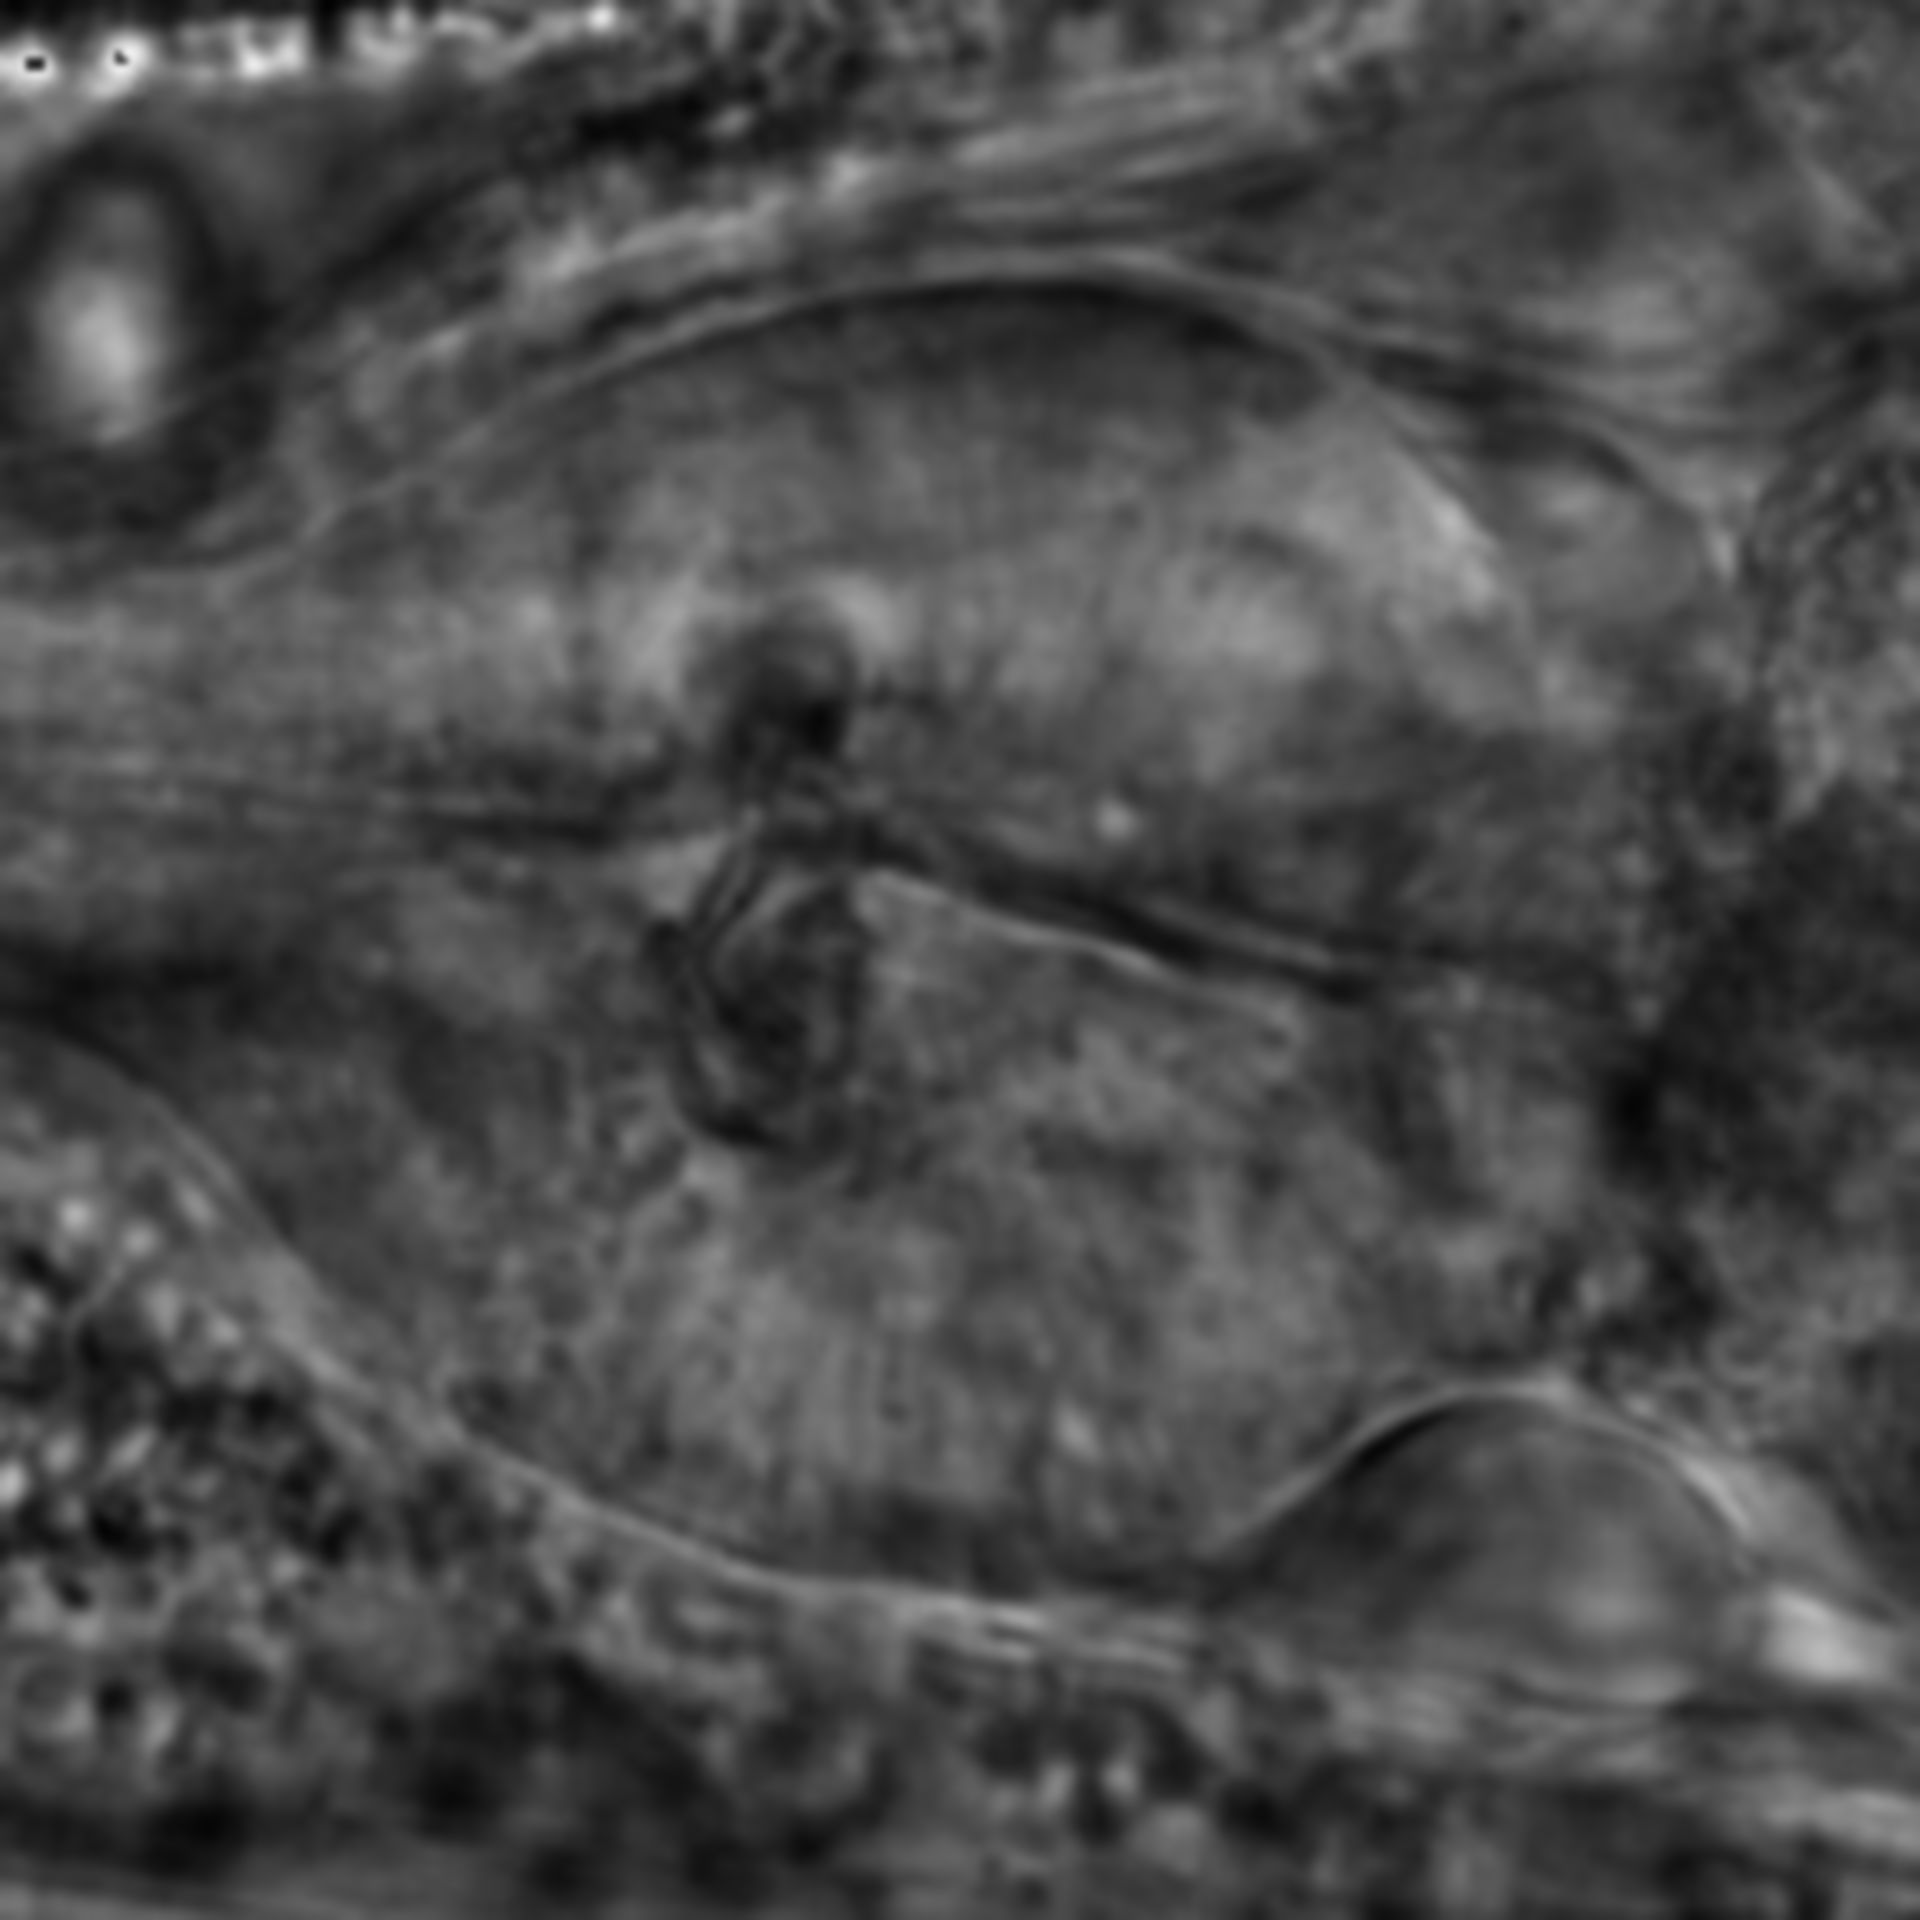 Caenorhabditis elegans - CIL:1928